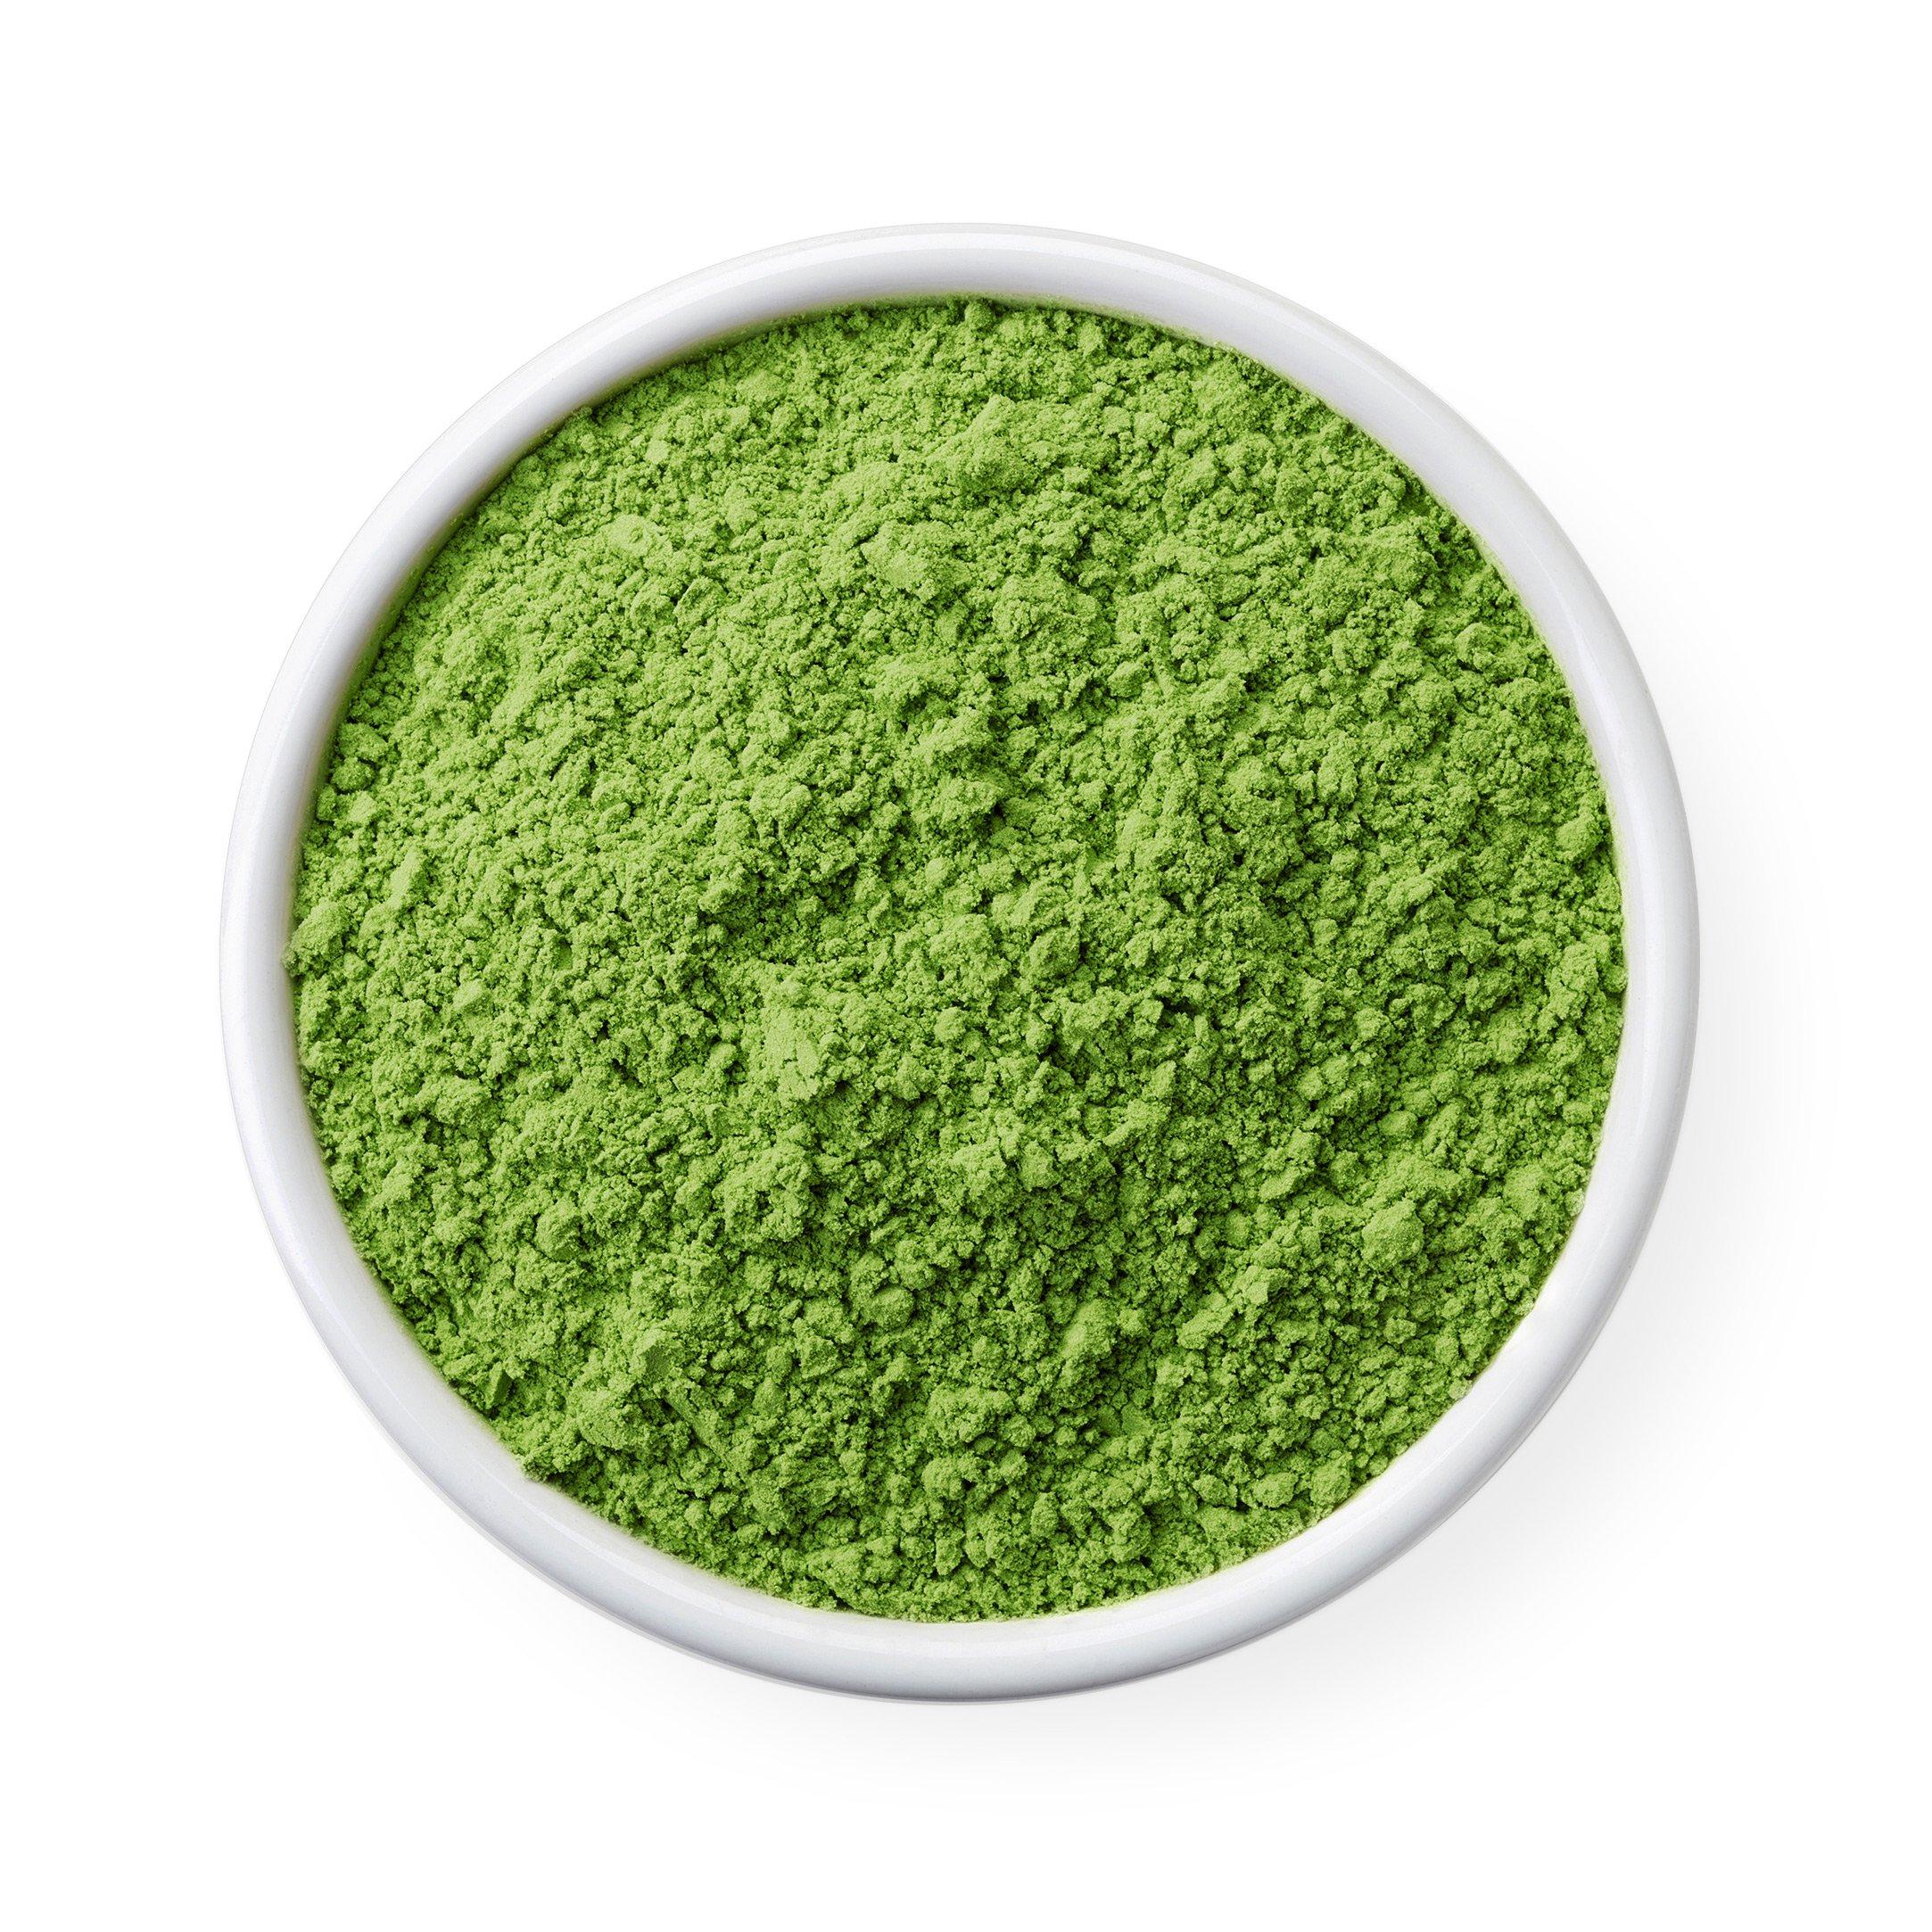 Sencha Naturals Culinary Grade, Organic Matcha Powder, 16 Ounce by SENCHA NATURALS (Image #3)